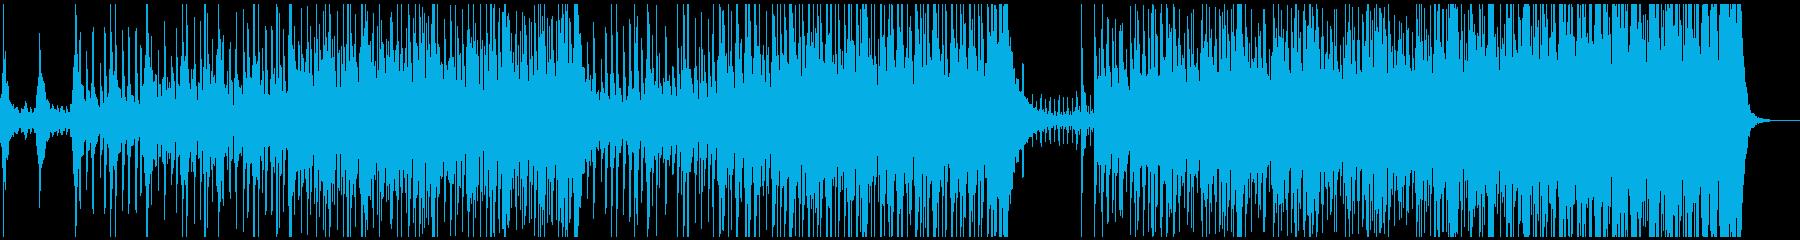 炎の太鼓の再生済みの波形